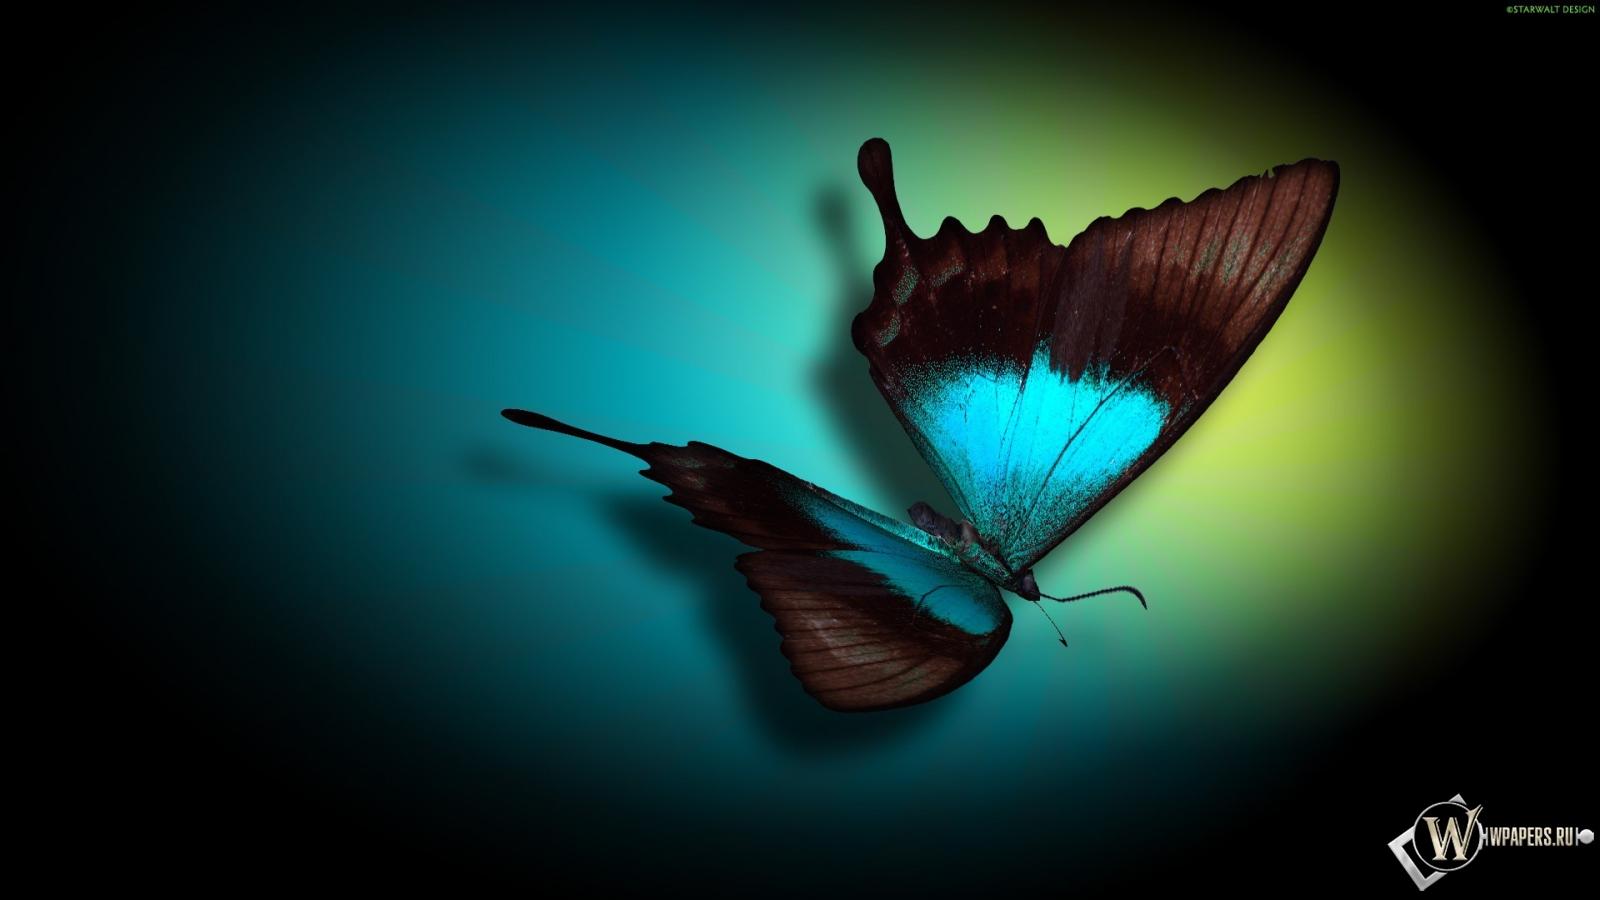 Бабочка 1600x900